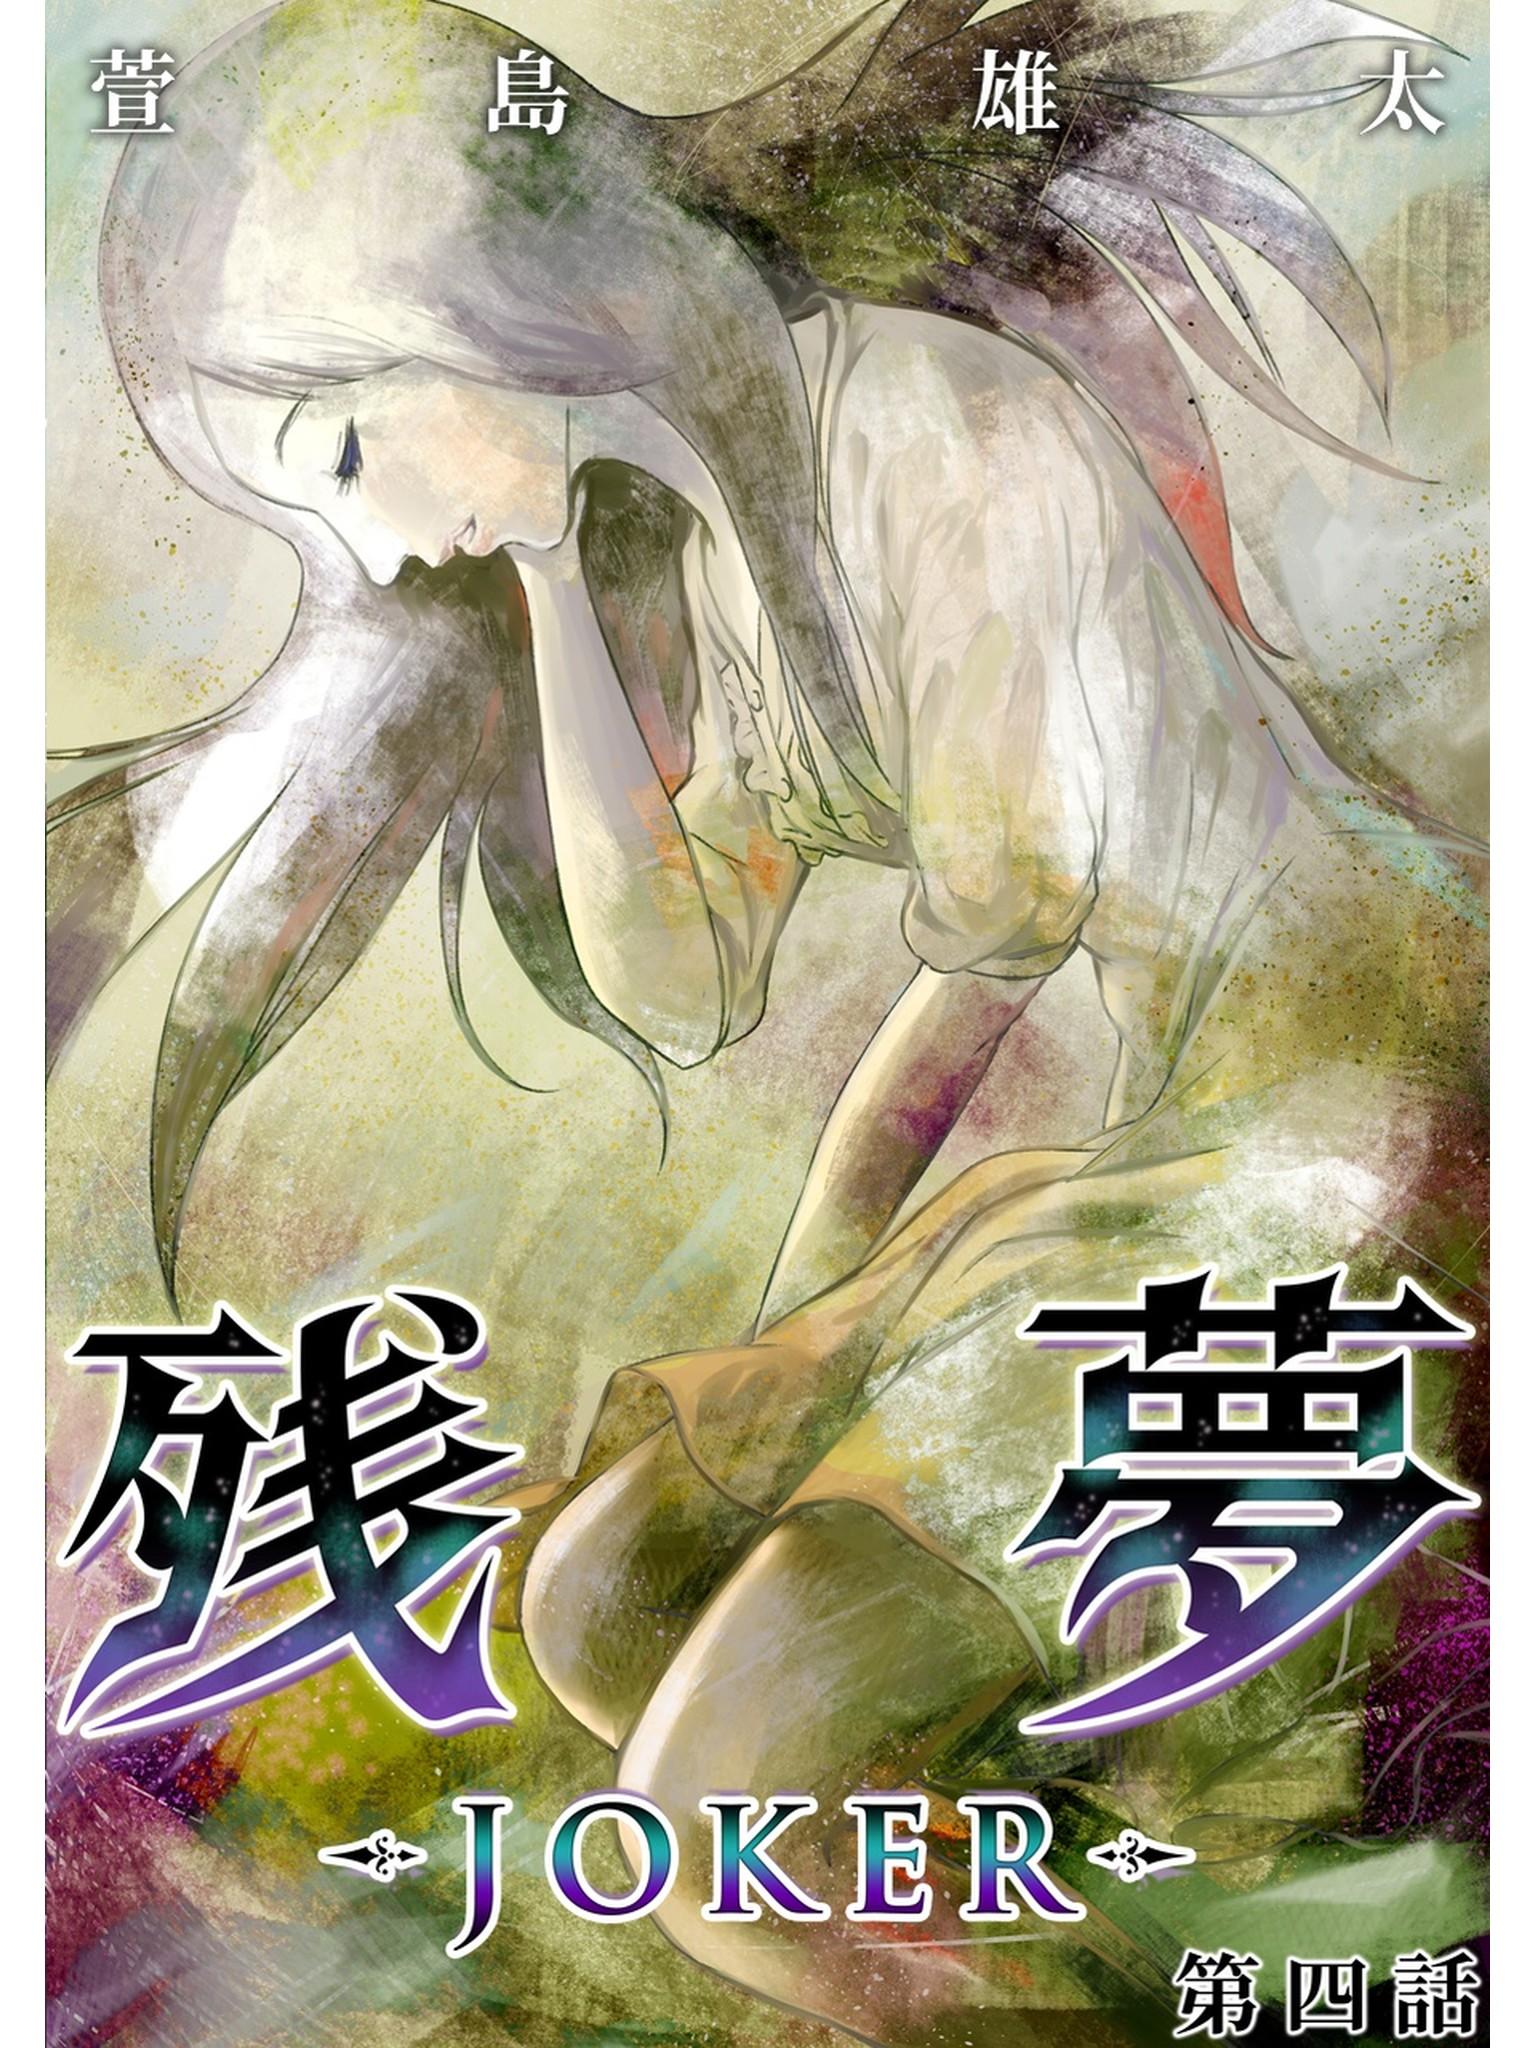 残夢 -JOKER-【分冊版】(第4巻)